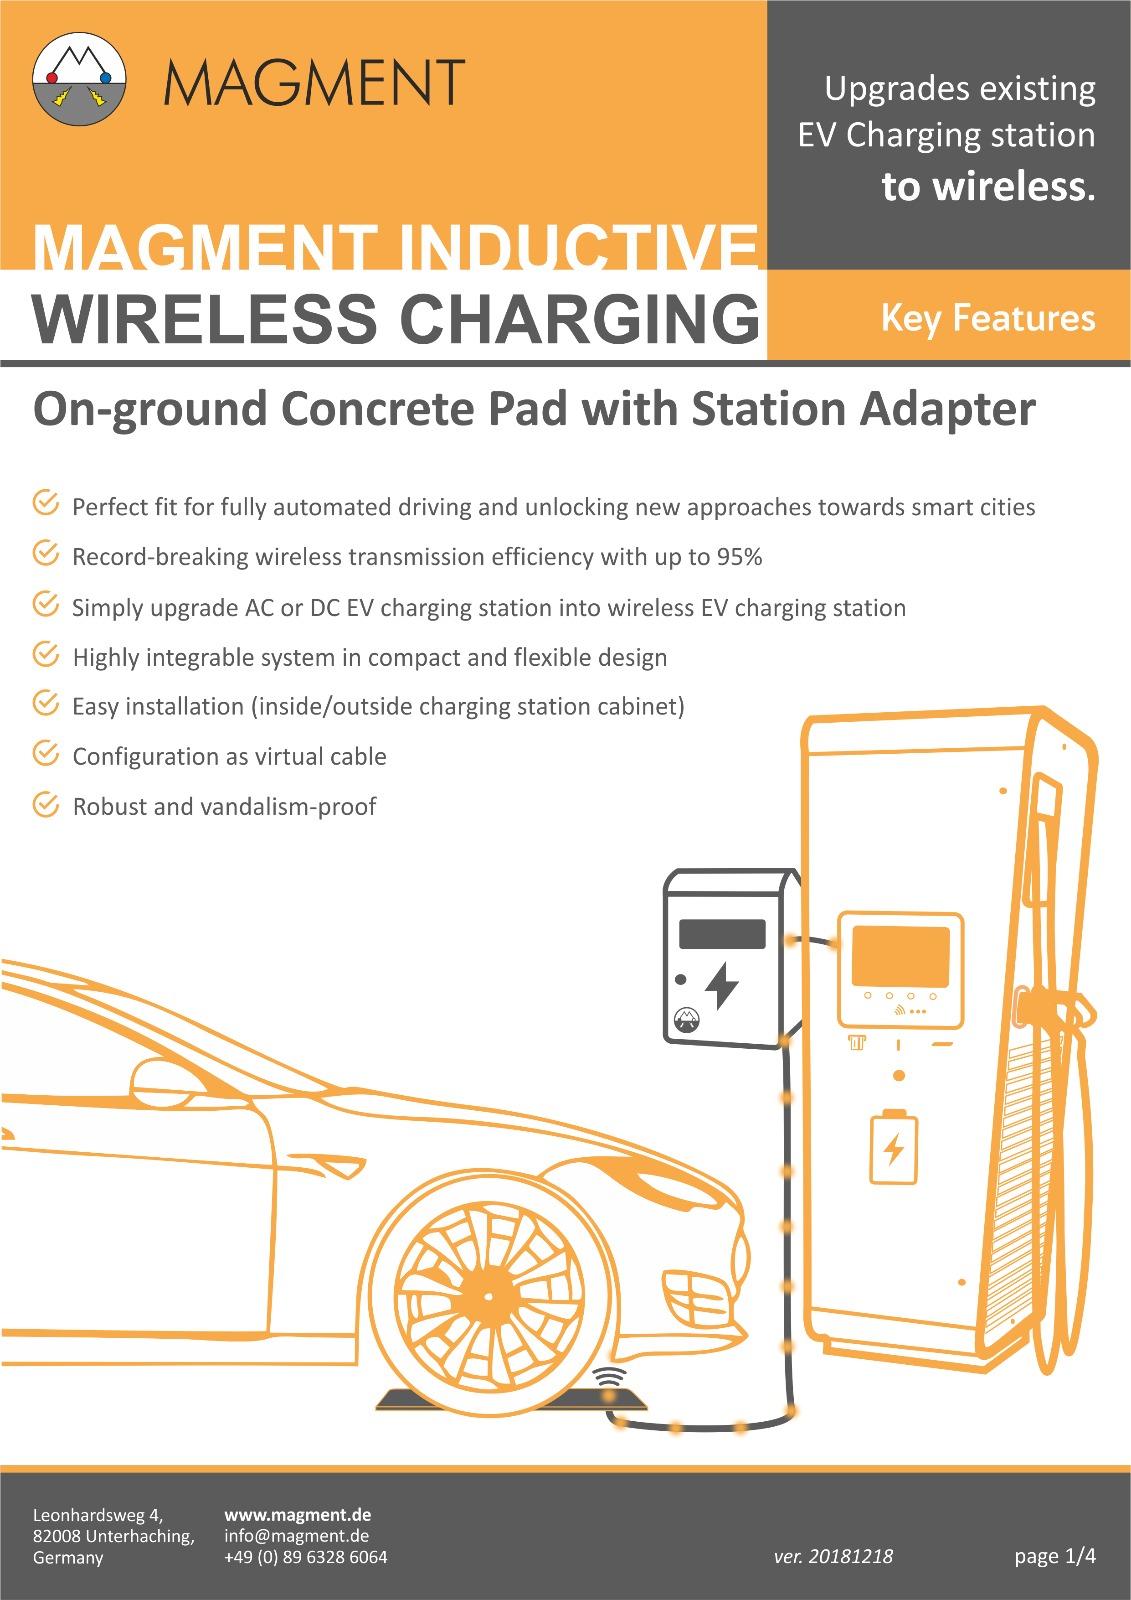 MAGMENT Wireless Charging Upgrade Kit.jpg